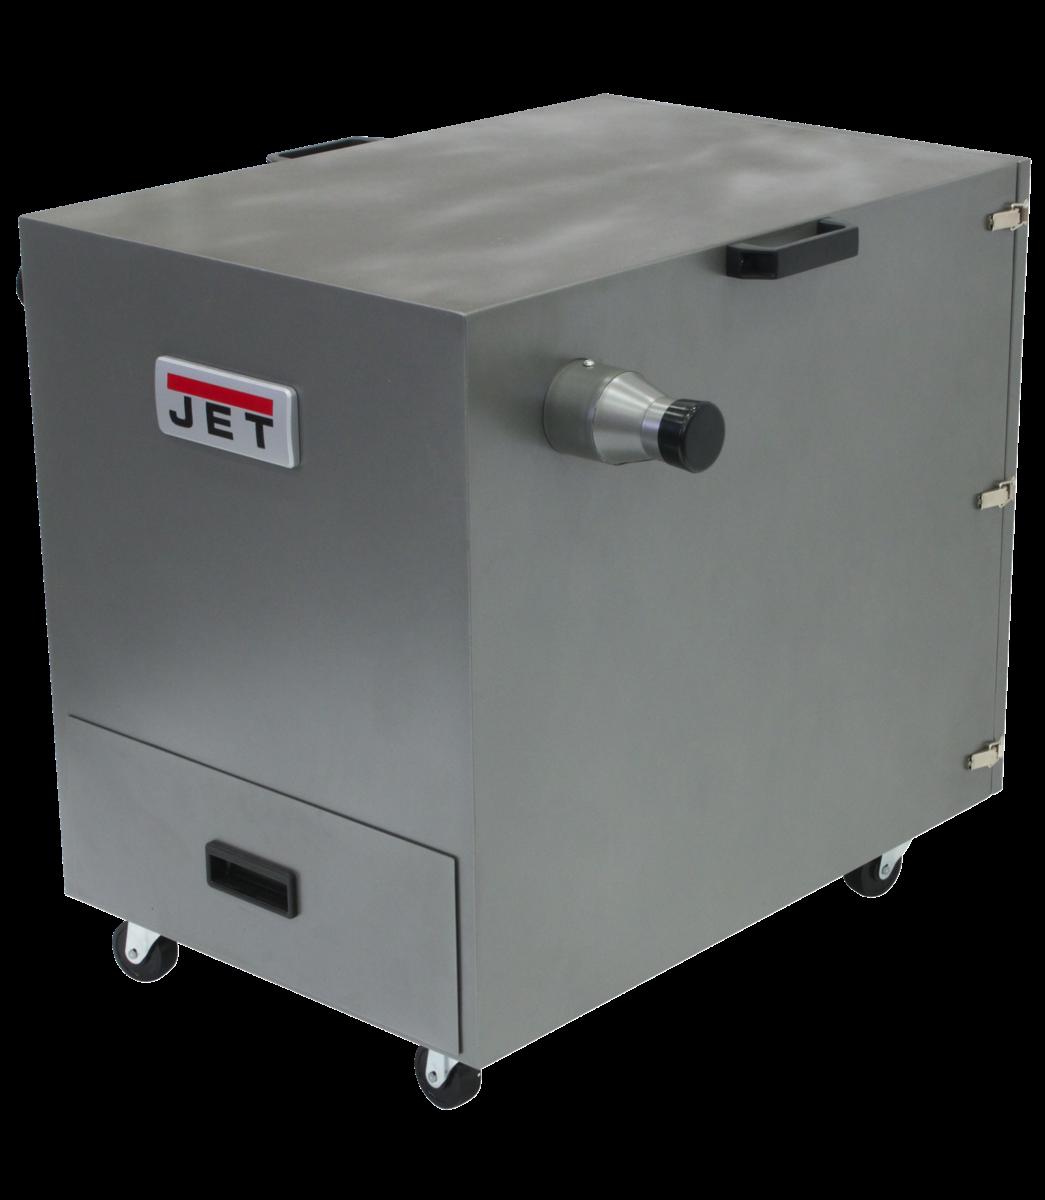 JDC-500 Gabinete recolector de polvo para metal, 1,5 HP,115/230 V